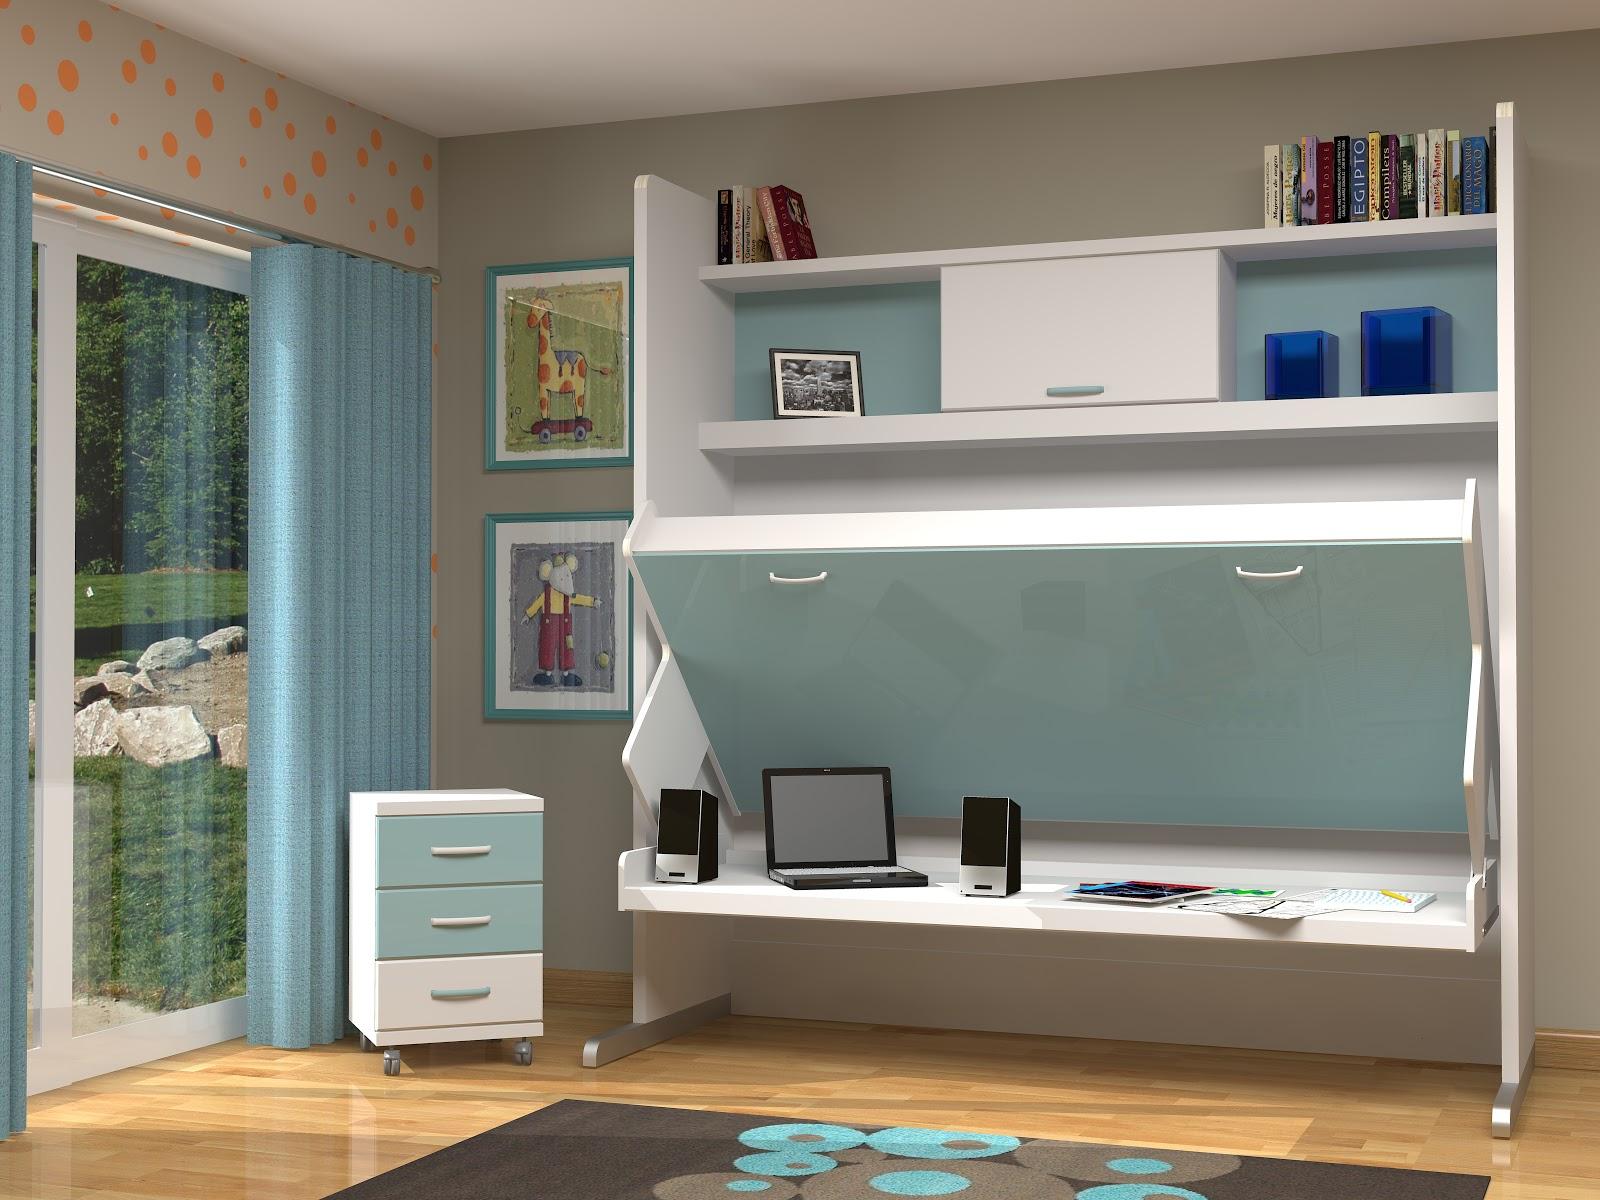 Muebles juveniles dormitorios infantiles y habitaciones - Fabricar cama abatible ...